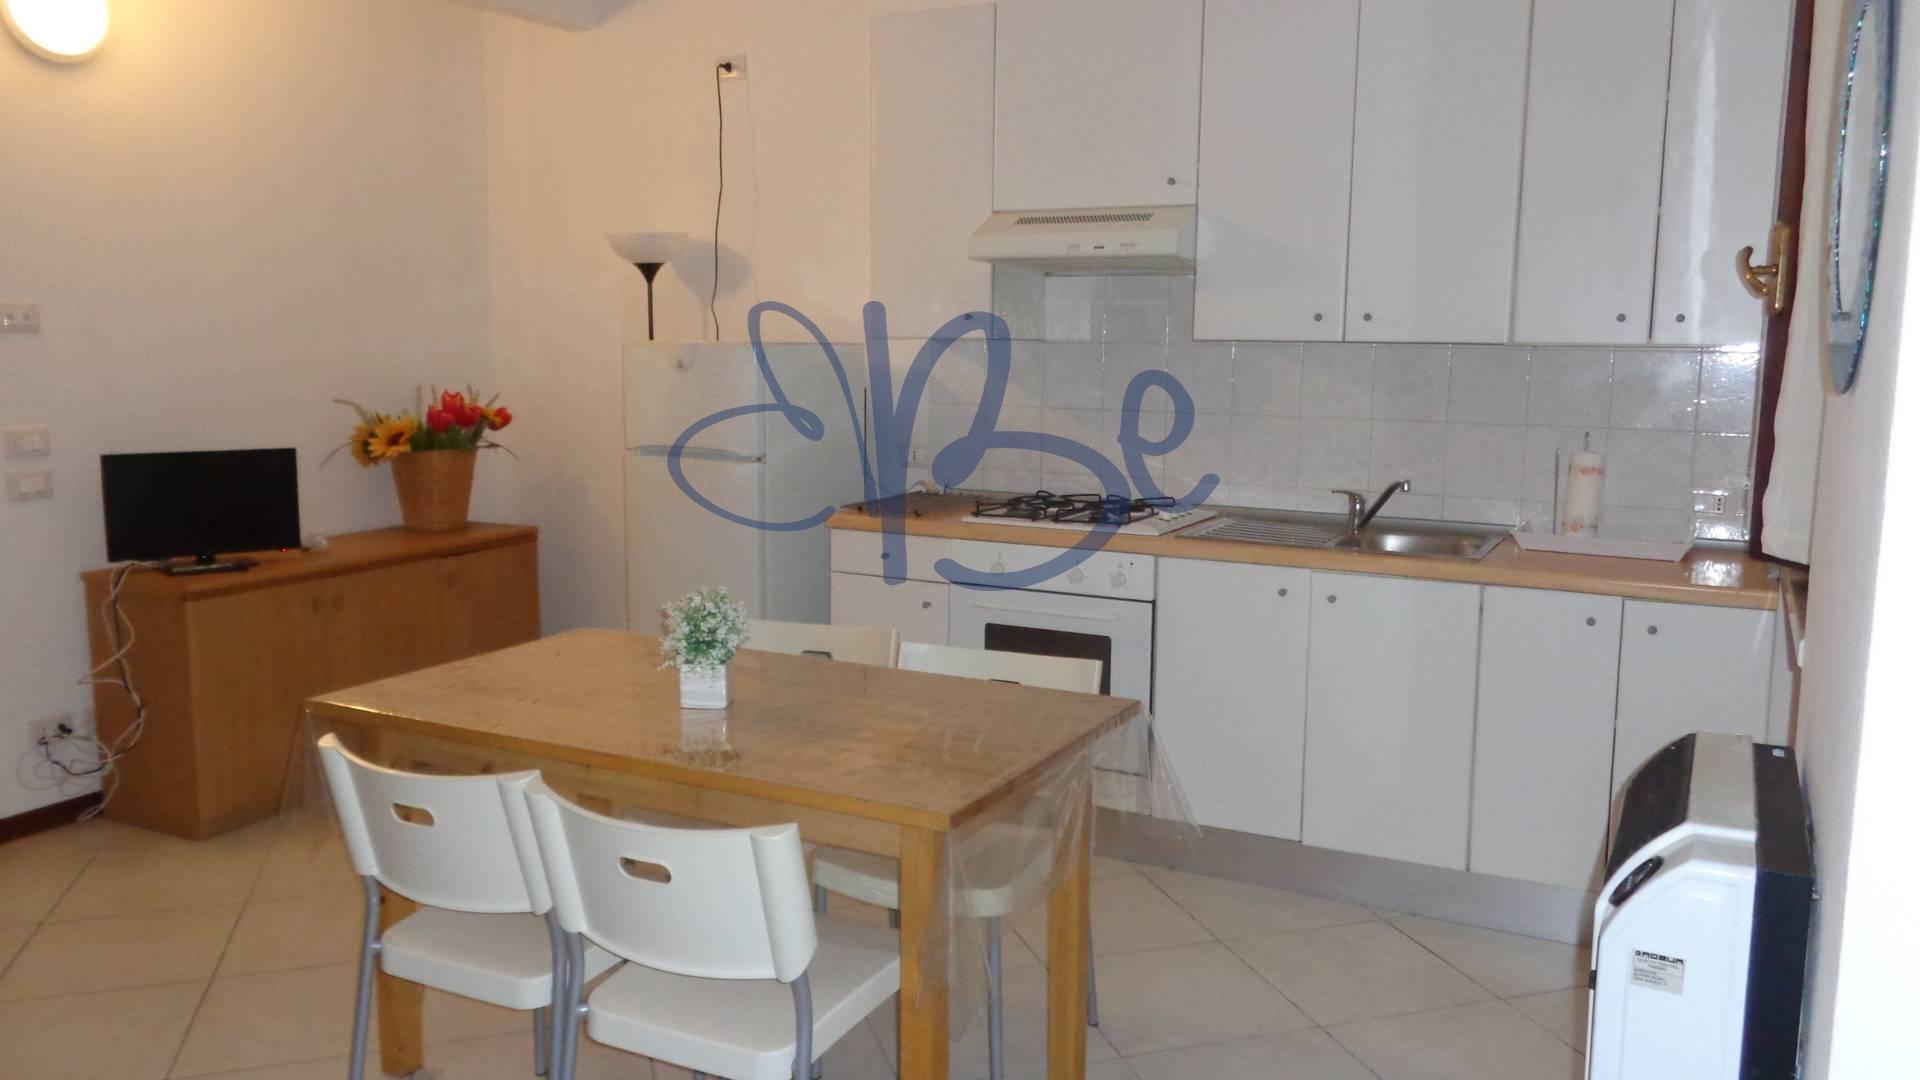 Appartamento in affitto a Salò, 1 locali, zona Zona: Barbarano, prezzo € 350 | Cambio Casa.it